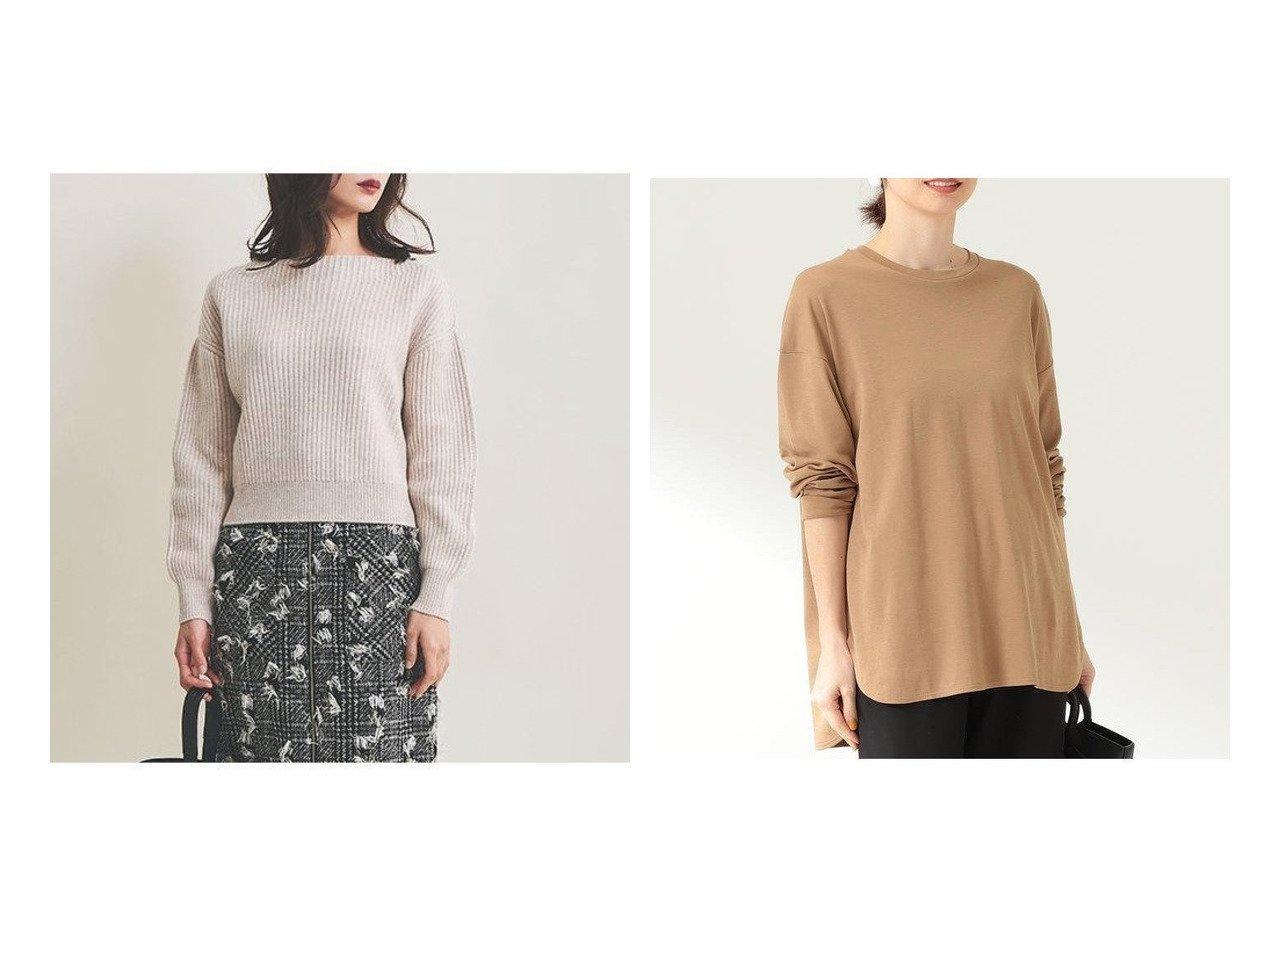 【The Virgnia/ザ ヴァージニア】の両畦ボリュームスリーブニット&【Demi-Luxe BEAMS/デミルクス ビームス】のDemi- スムース ロングスリーブ Tシャツ トップス・カットソーのおすすめ!人気、レディースファッションの通販 おすすめで人気のファッション通販商品 インテリア・家具・キッズファッション・メンズファッション・レディースファッション・服の通販 founy(ファニー) https://founy.com/ ファッション Fashion レディース WOMEN トップス Tops Tshirt ニット Knit Tops ボリュームスリーブ / フリル袖 Volume Sleeve シャツ/ブラウス Shirts Blouses カットソー Cut and Sewn シンプル セーター バランス リュクス 畦 ショルダー スリーブ ドロップ リラックス ロング 人気  ID:crp329100000003481